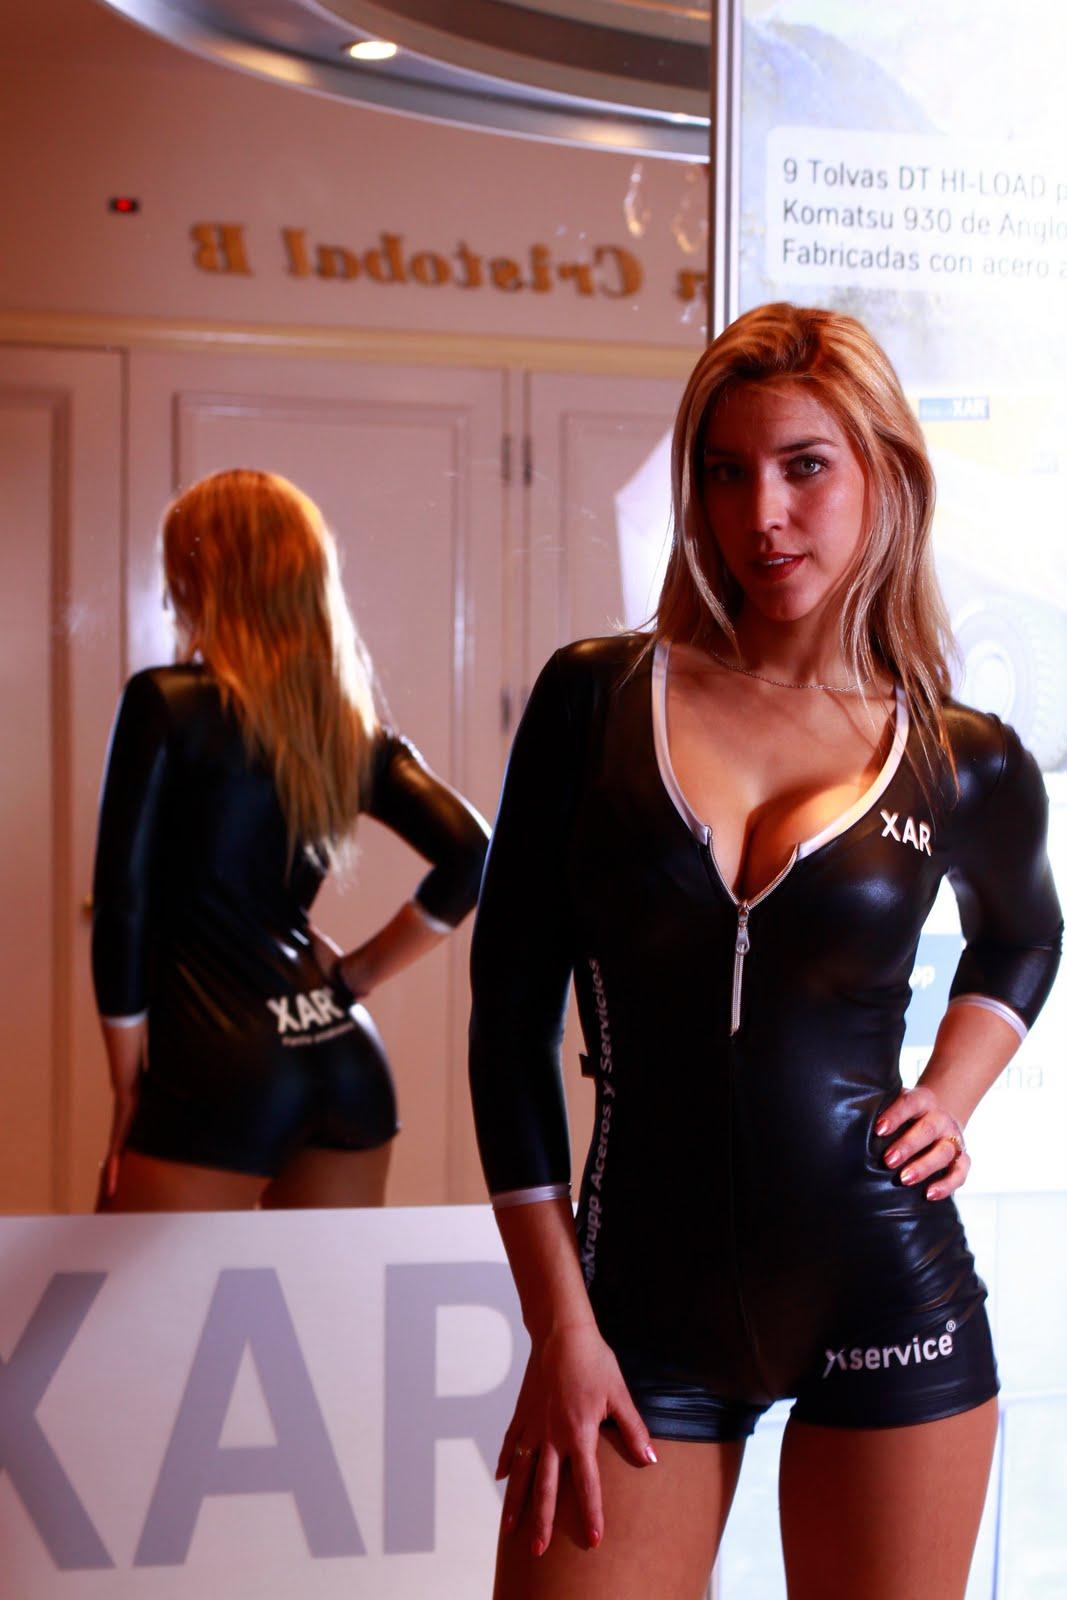 http://3.bp.blogspot.com/_9wiXsdFh-P4/TIWrpD6r-DI/AAAAAAAAAlo/cdBW-D5Sl-A/s1600/Thyssen+I.jpg